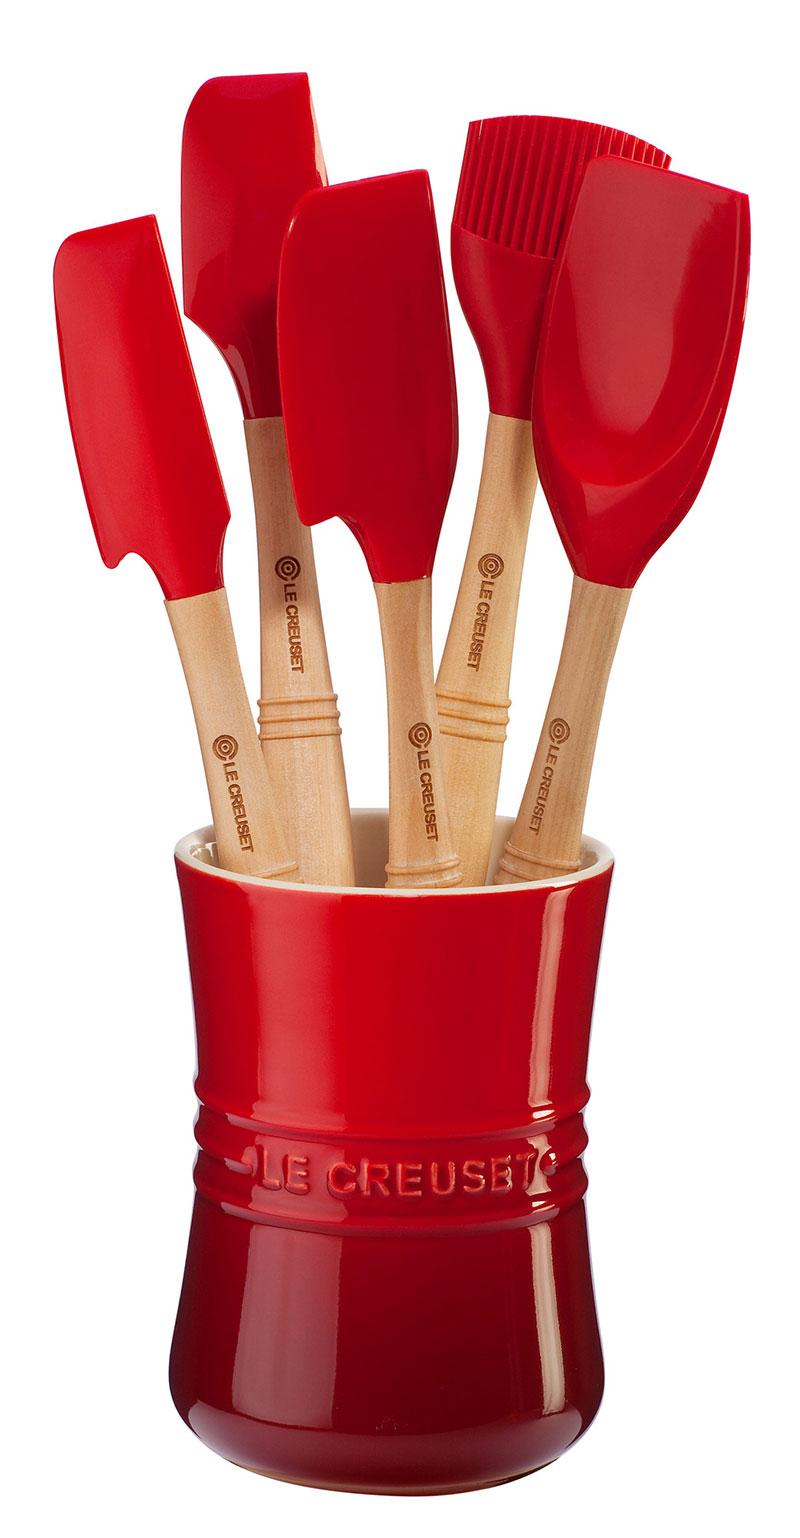 utensil3.jpg